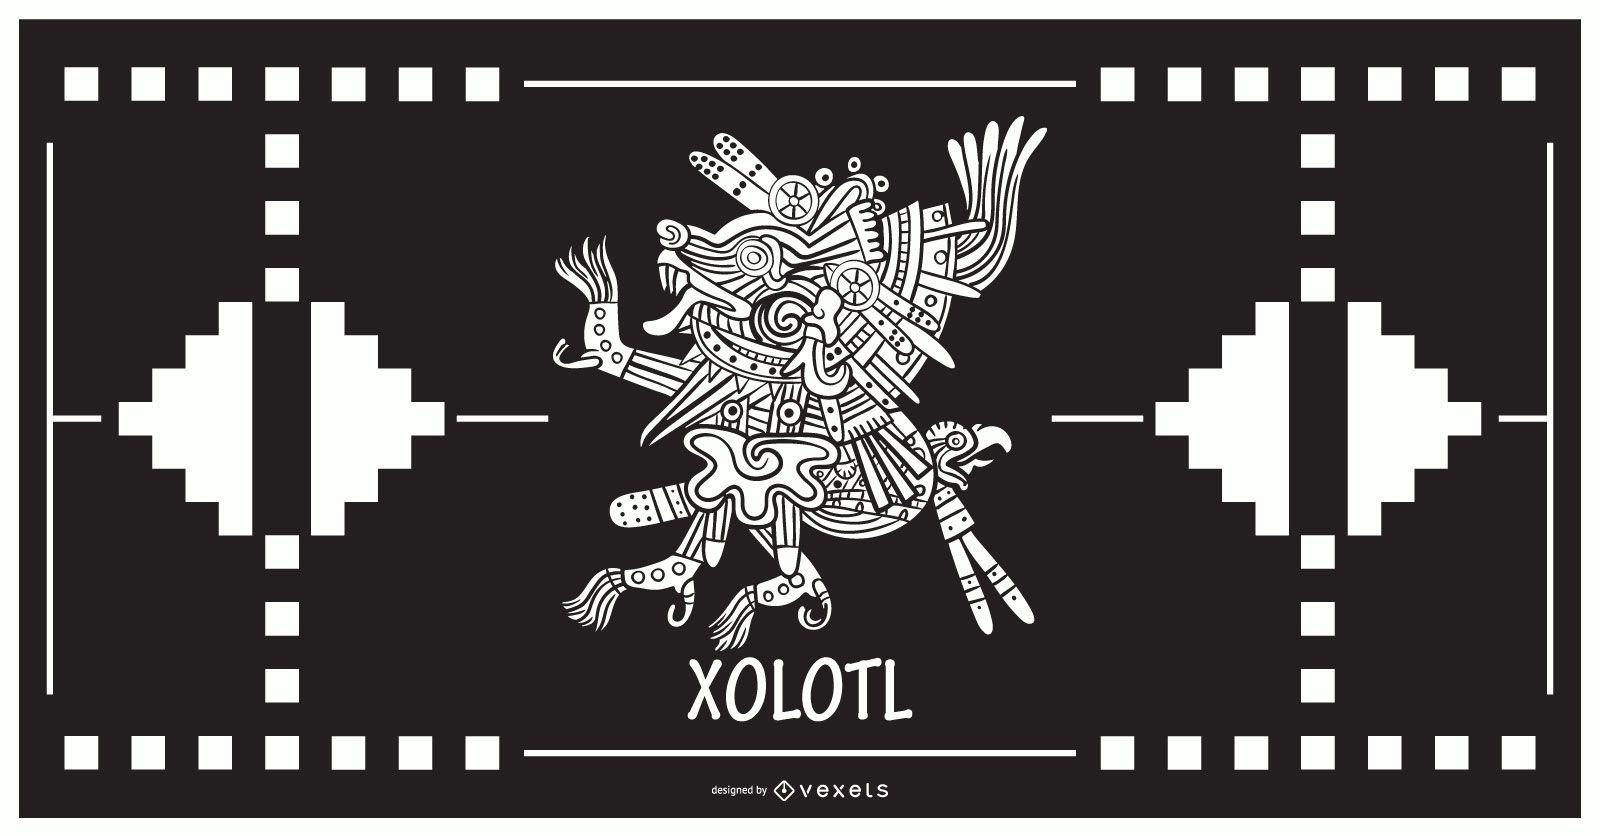 Xolotl aztec god design